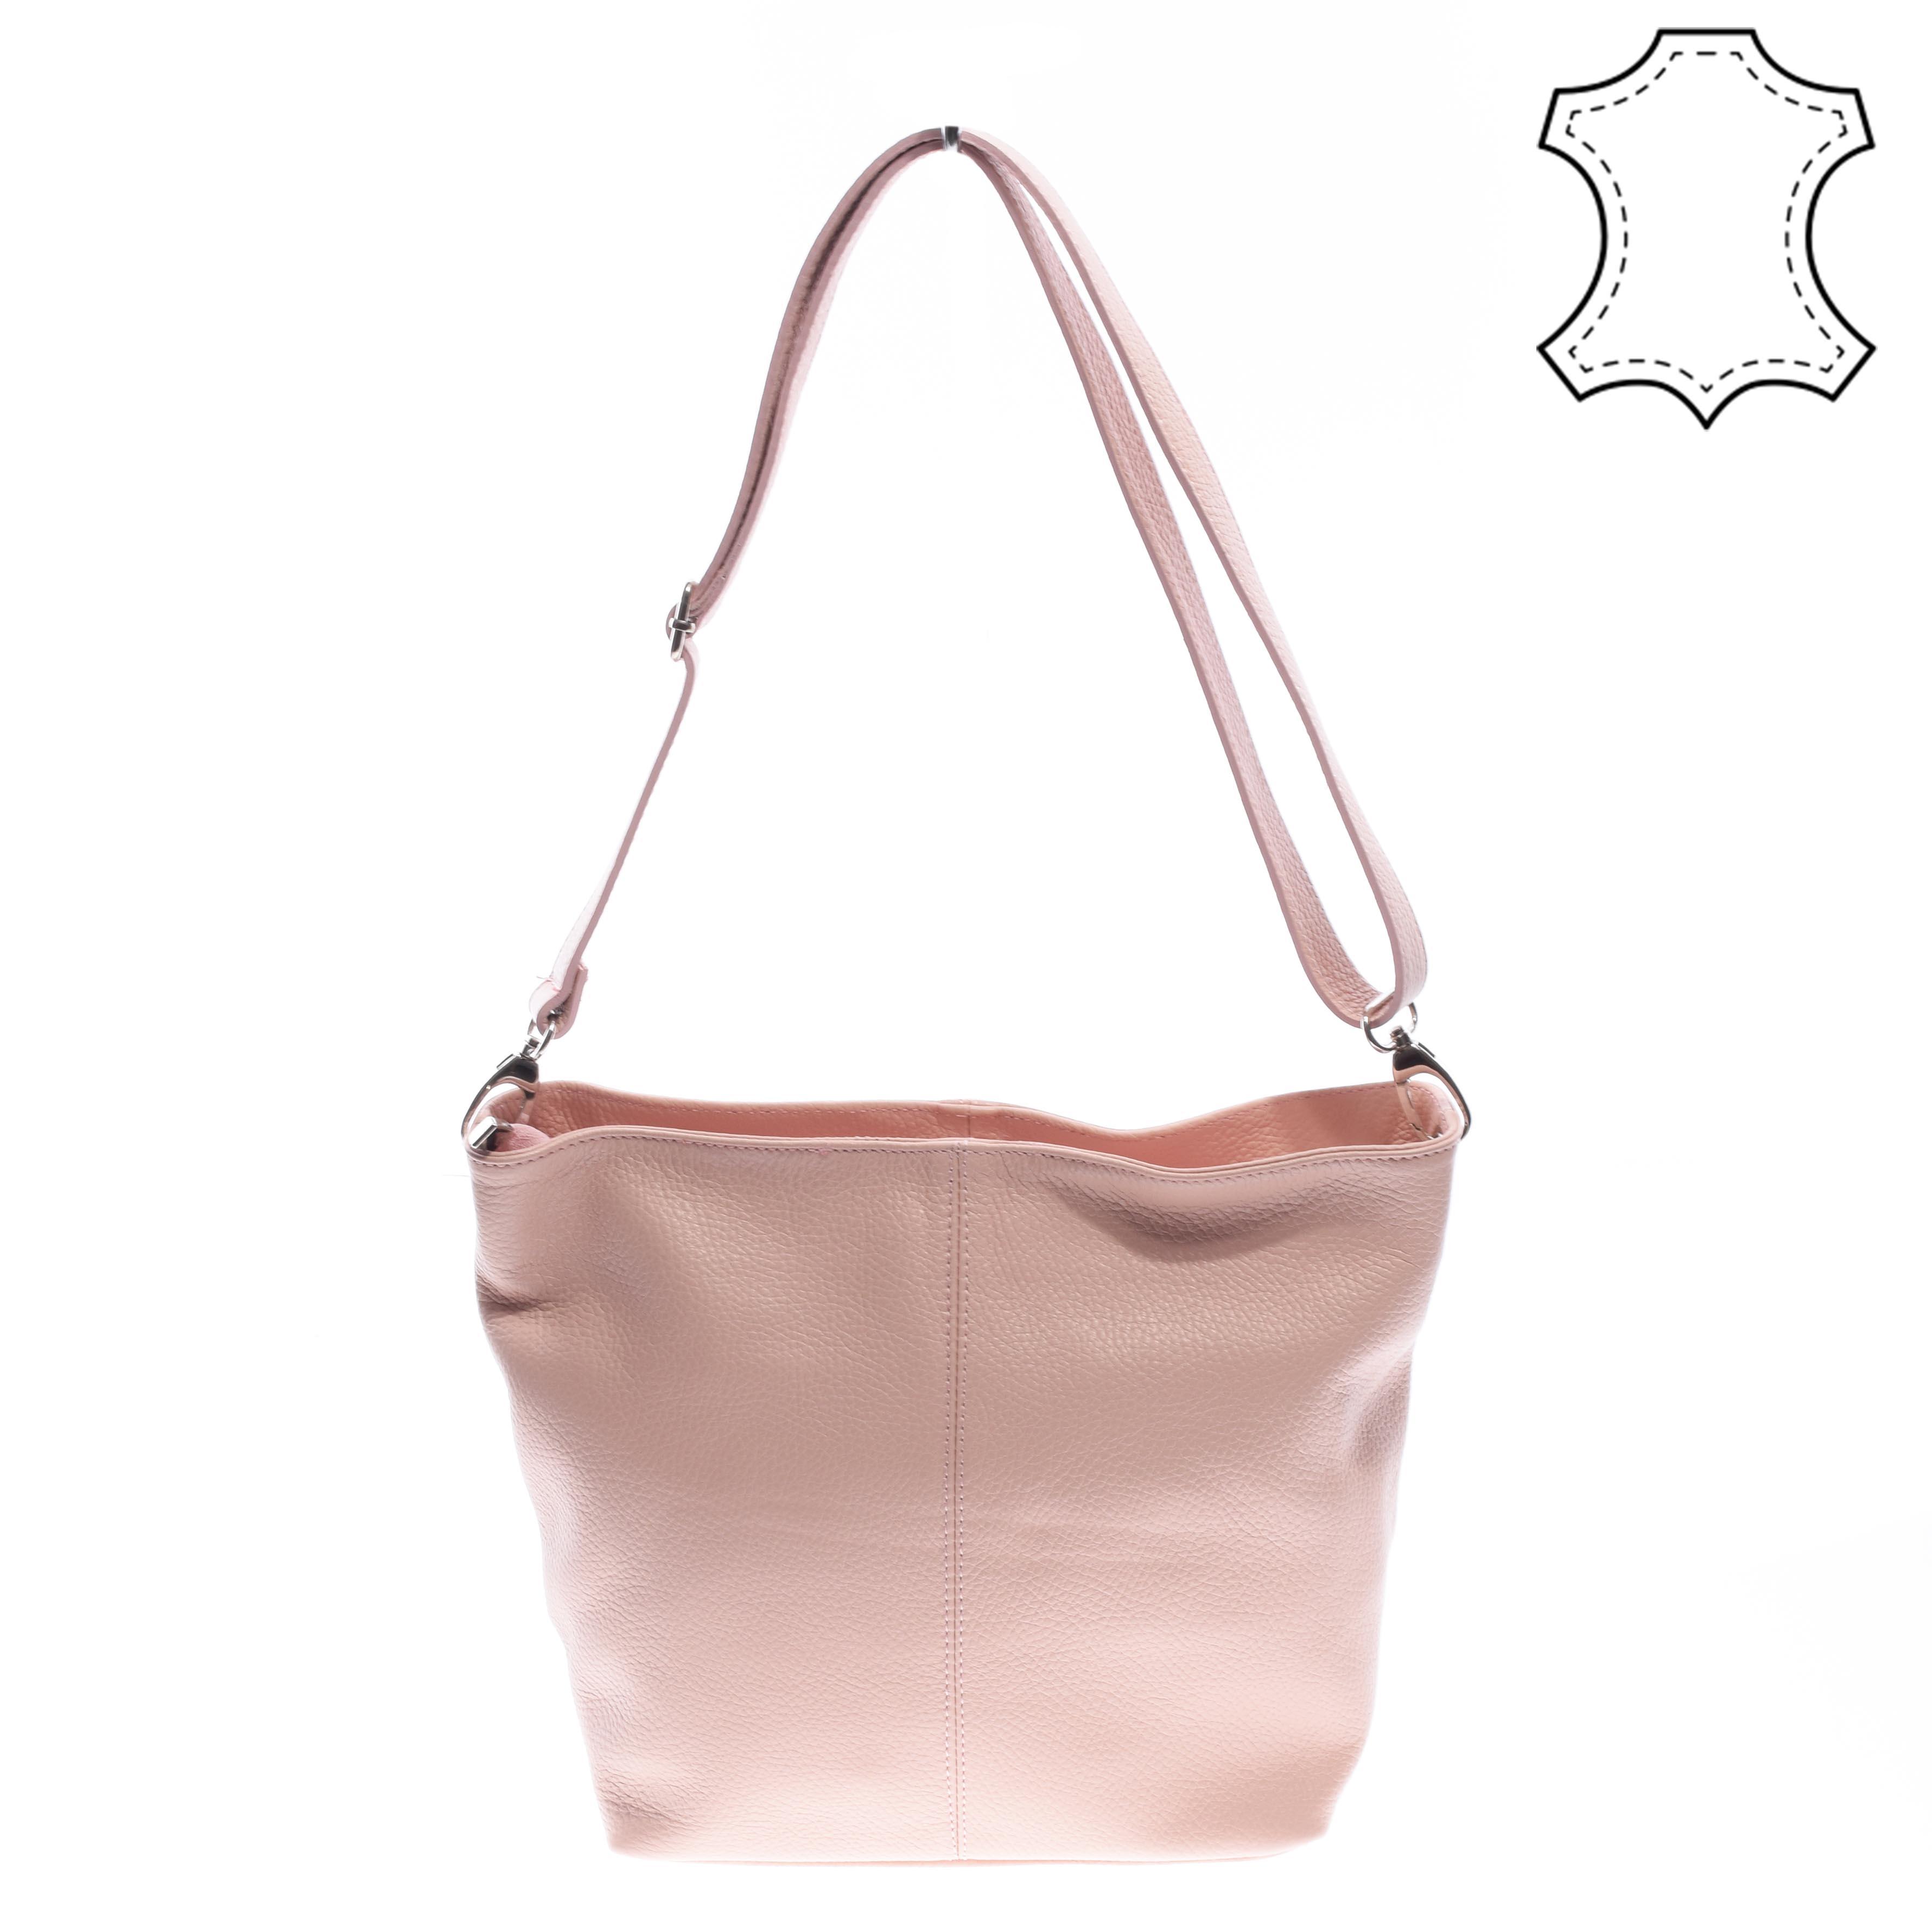 e1b70acc294c Valódi Bőr Női Oldaltáska Rózsaszín - Kézitáskák - Táska webáruház - Minőségi  táskák mindenkinek